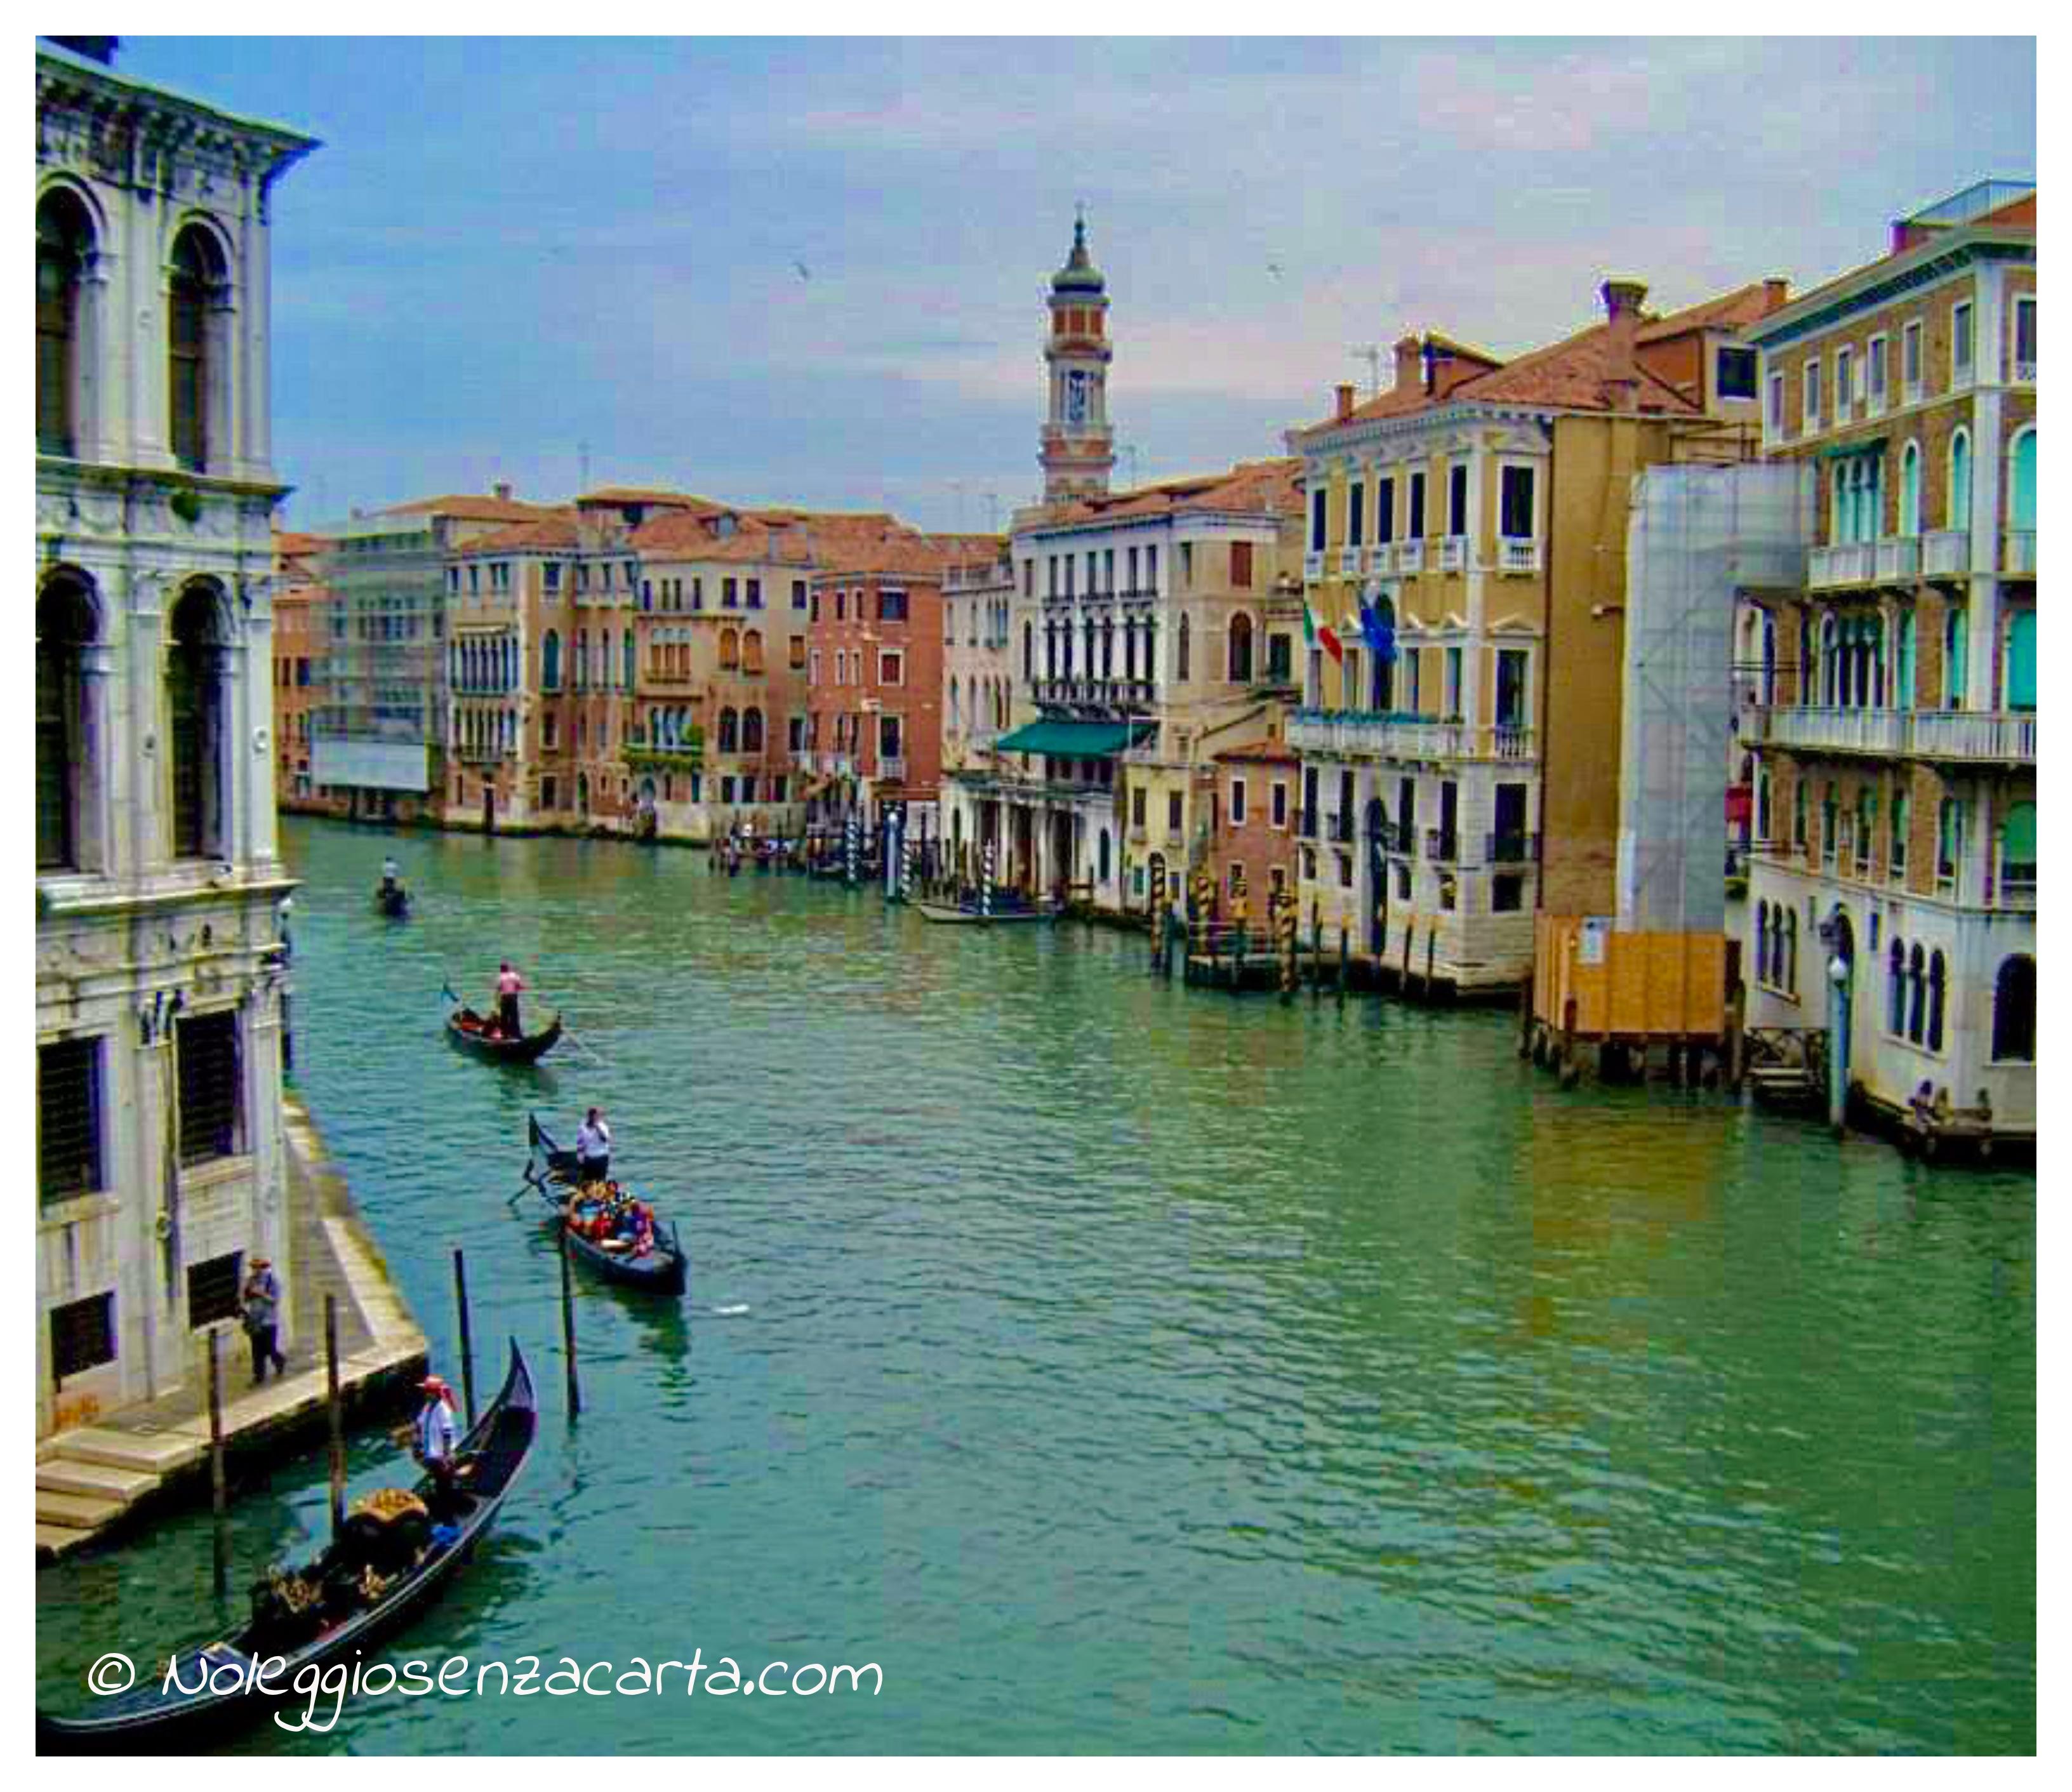 Noleggiare auto senza carta di credito a Venezia